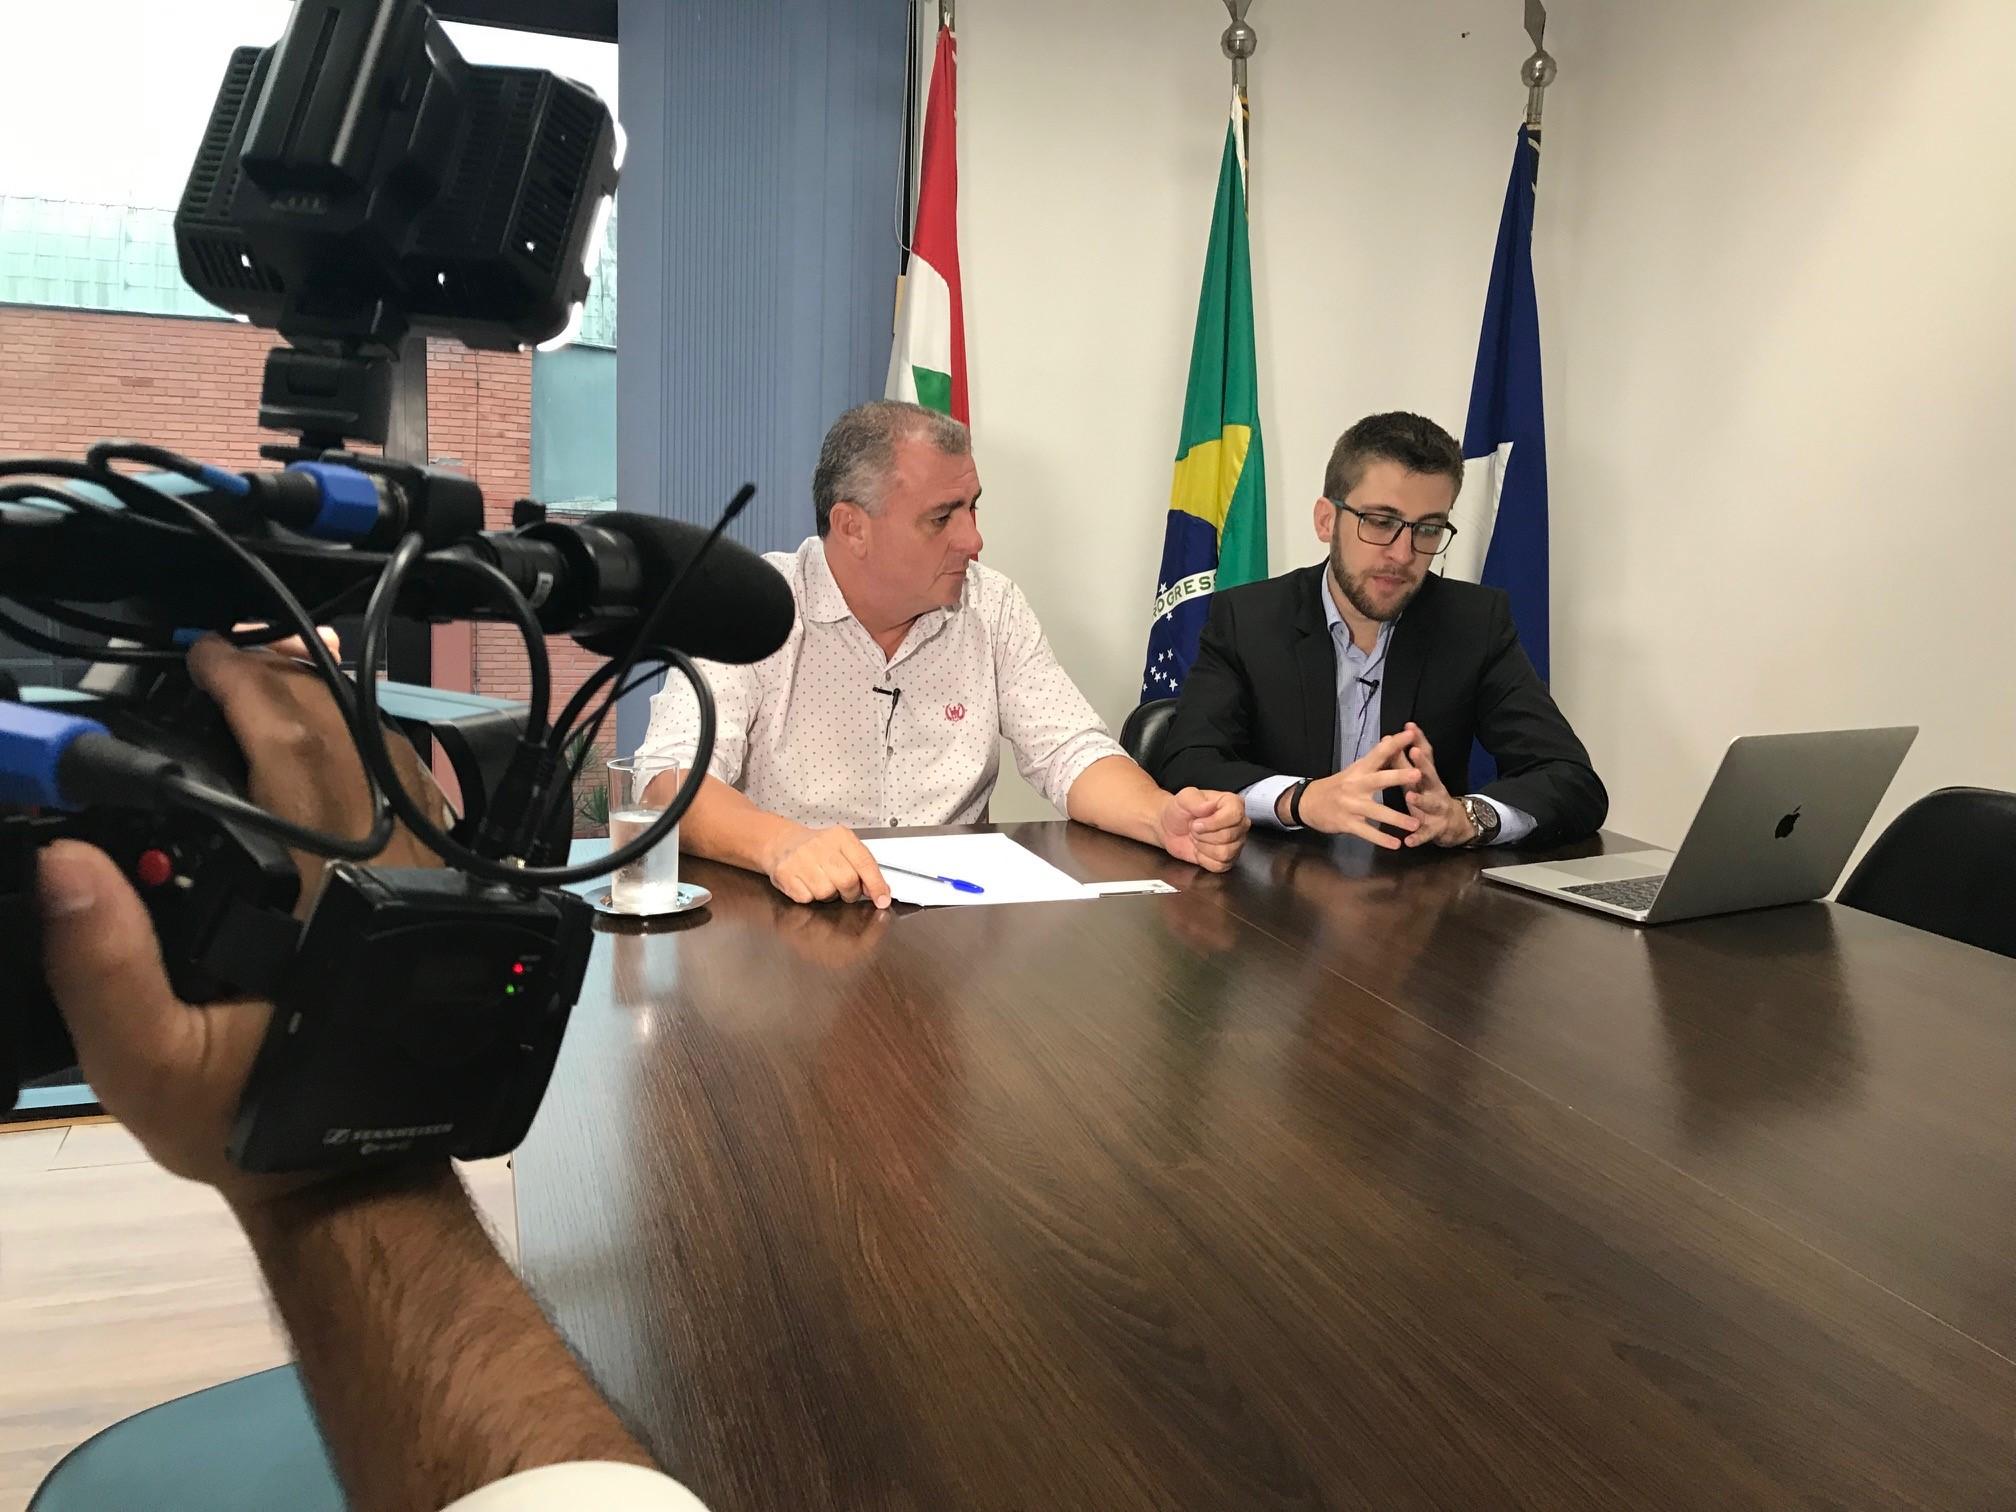 Claudio Aragão (à esquerda) está em seu segundo mandato de vereador pelo MDB | Foto Windson Prado/Ocp News